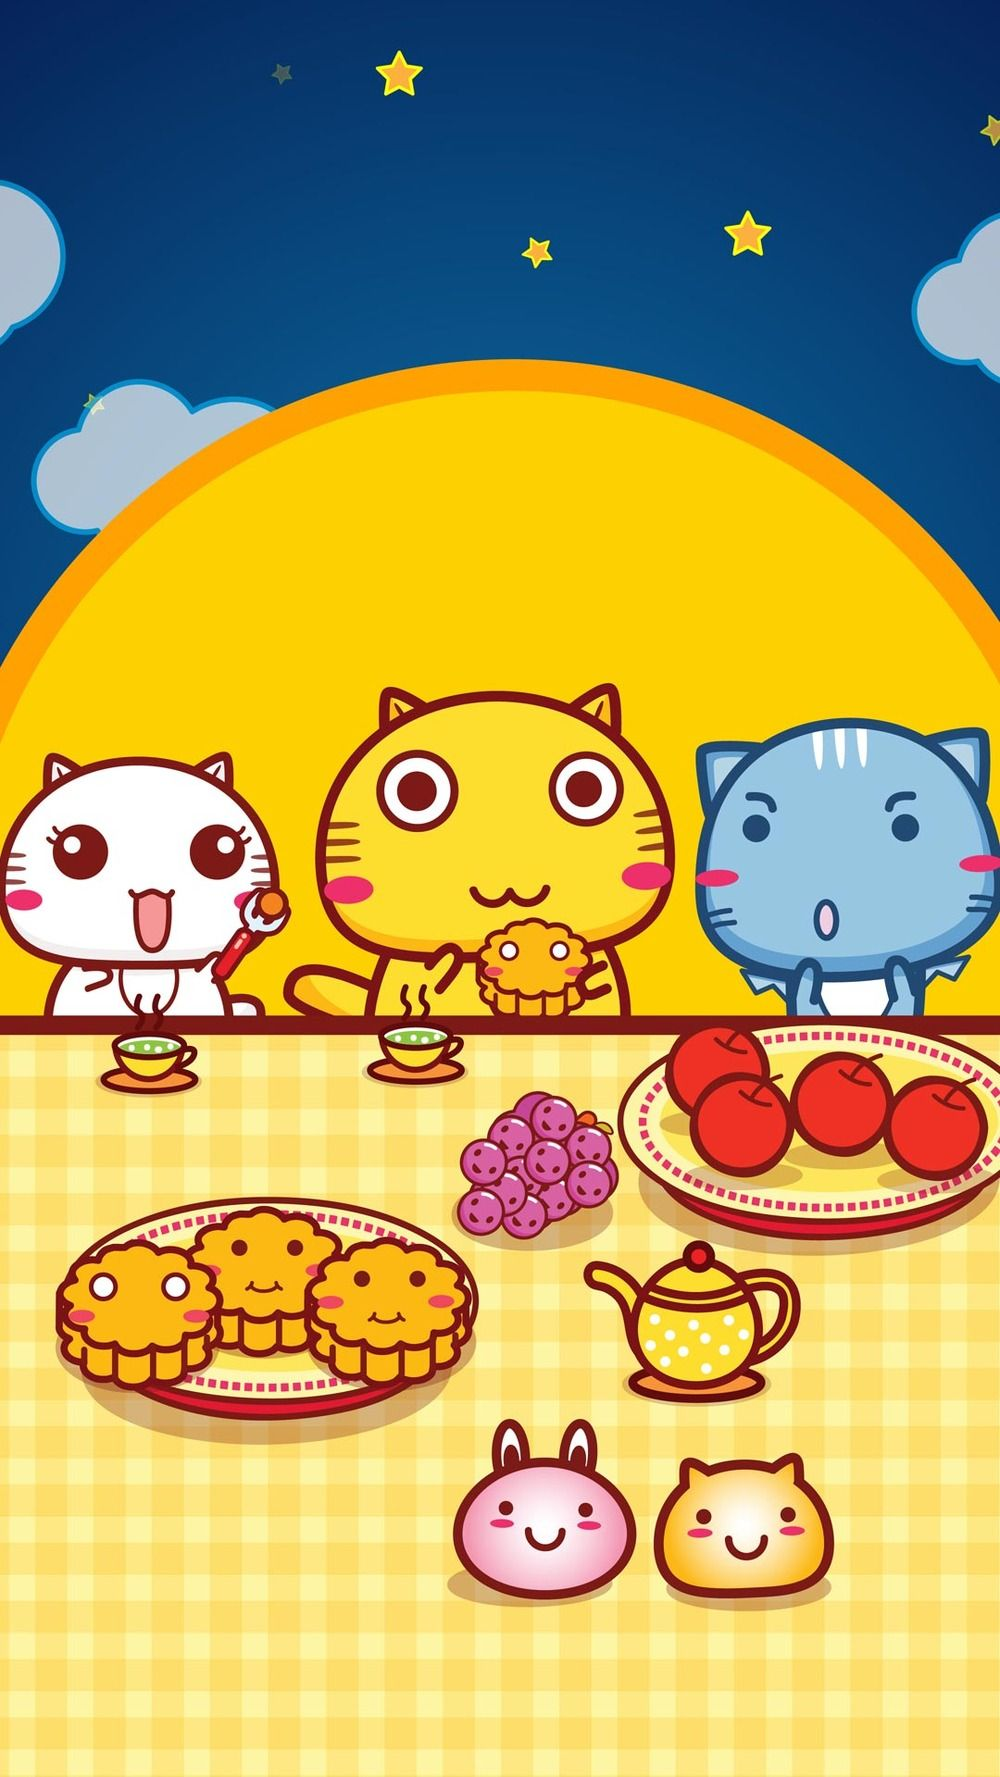 吃吃吃的中秋节.jpg